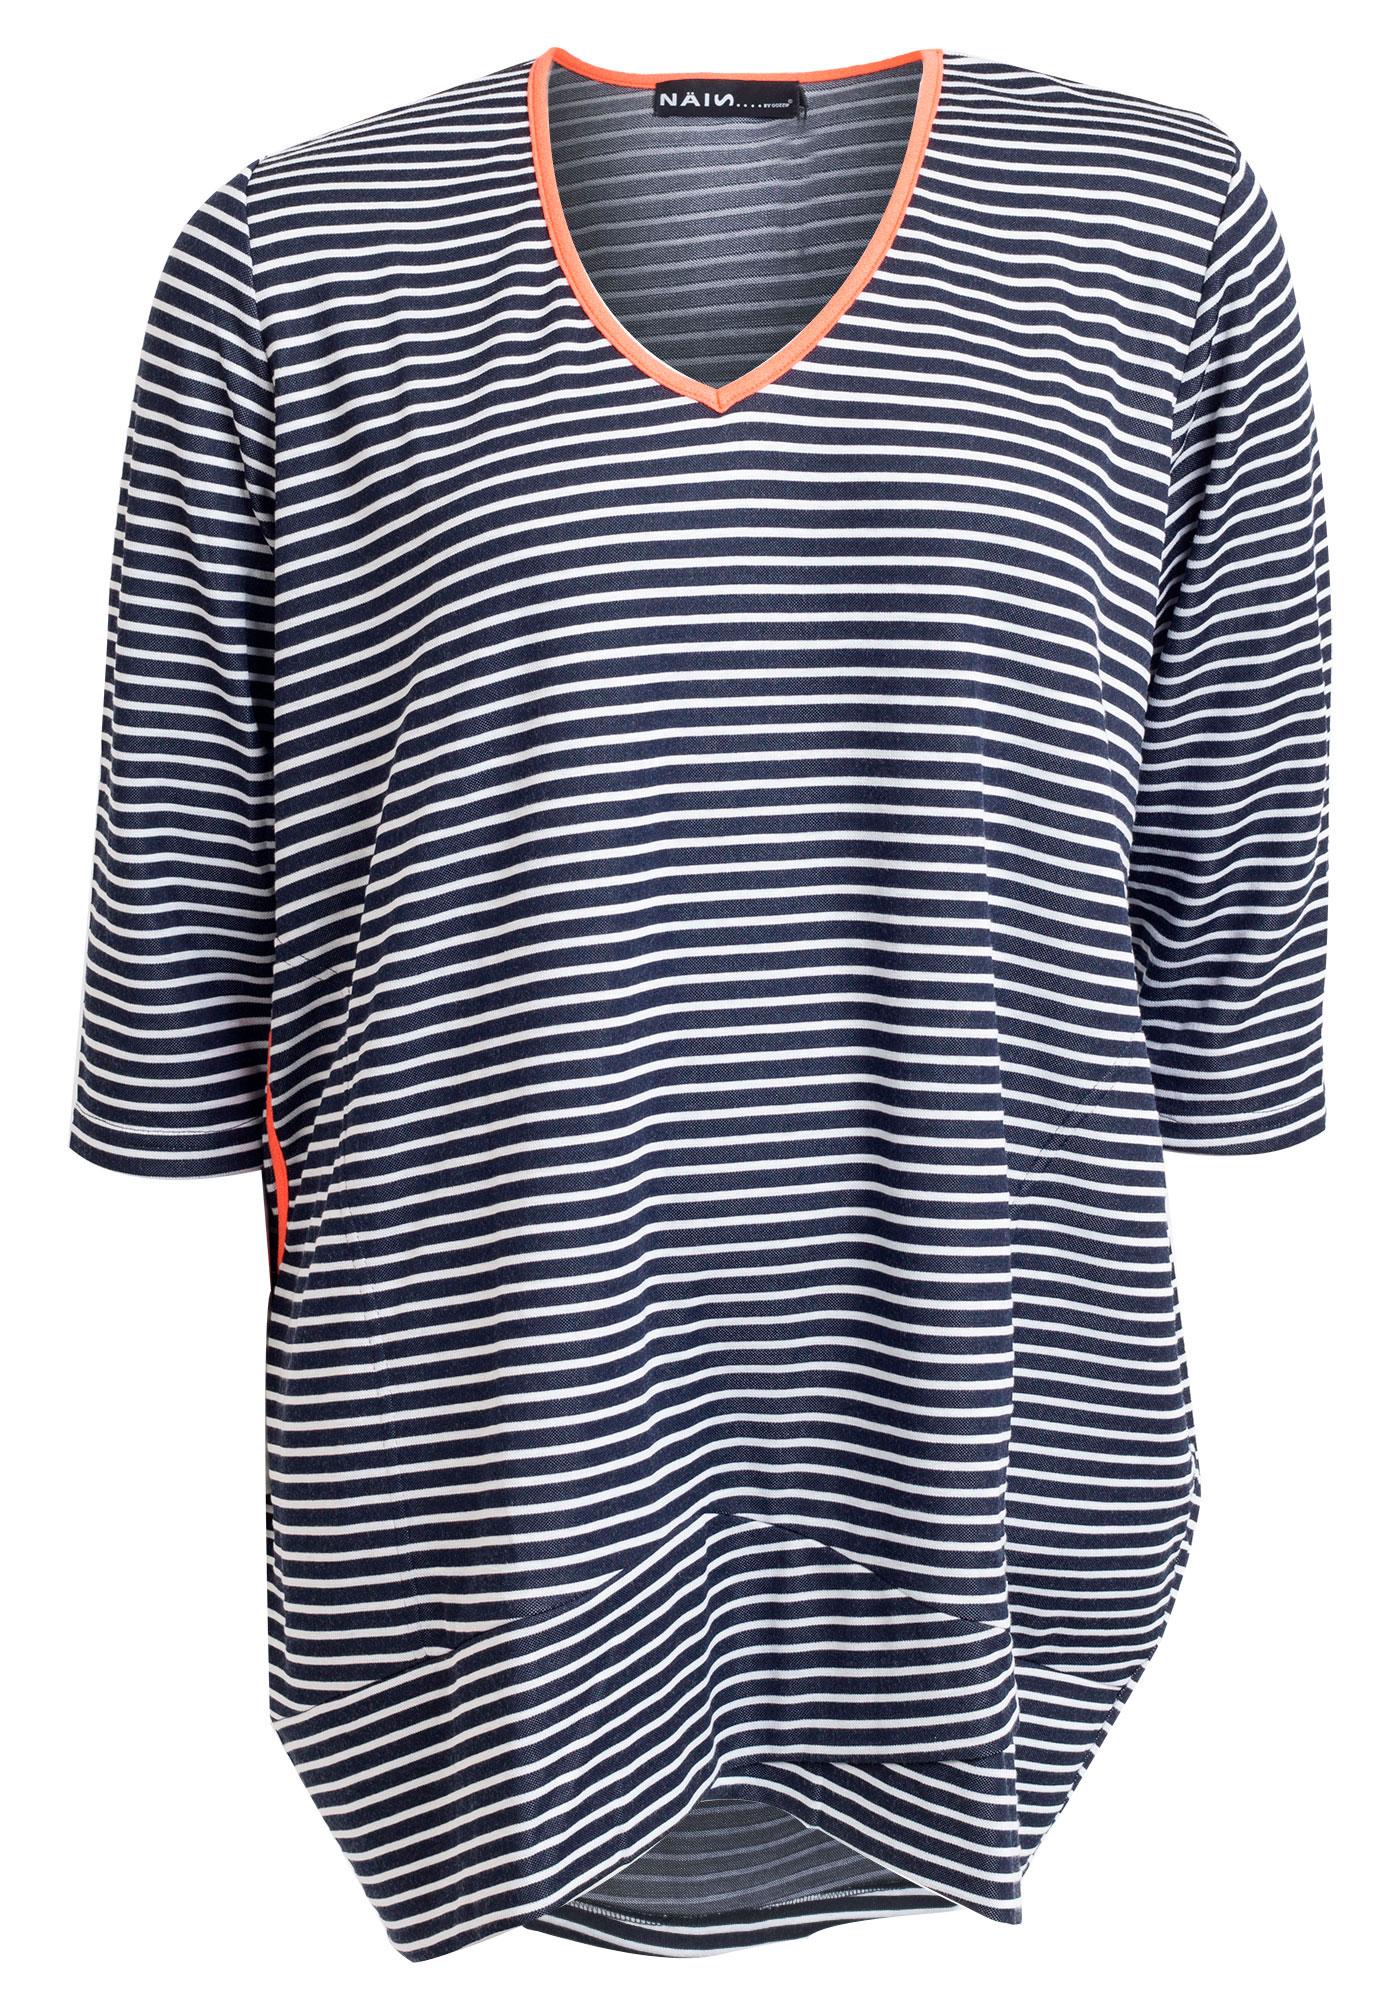 Marineblå tunika / kjole med hvide striber og orange kontrast